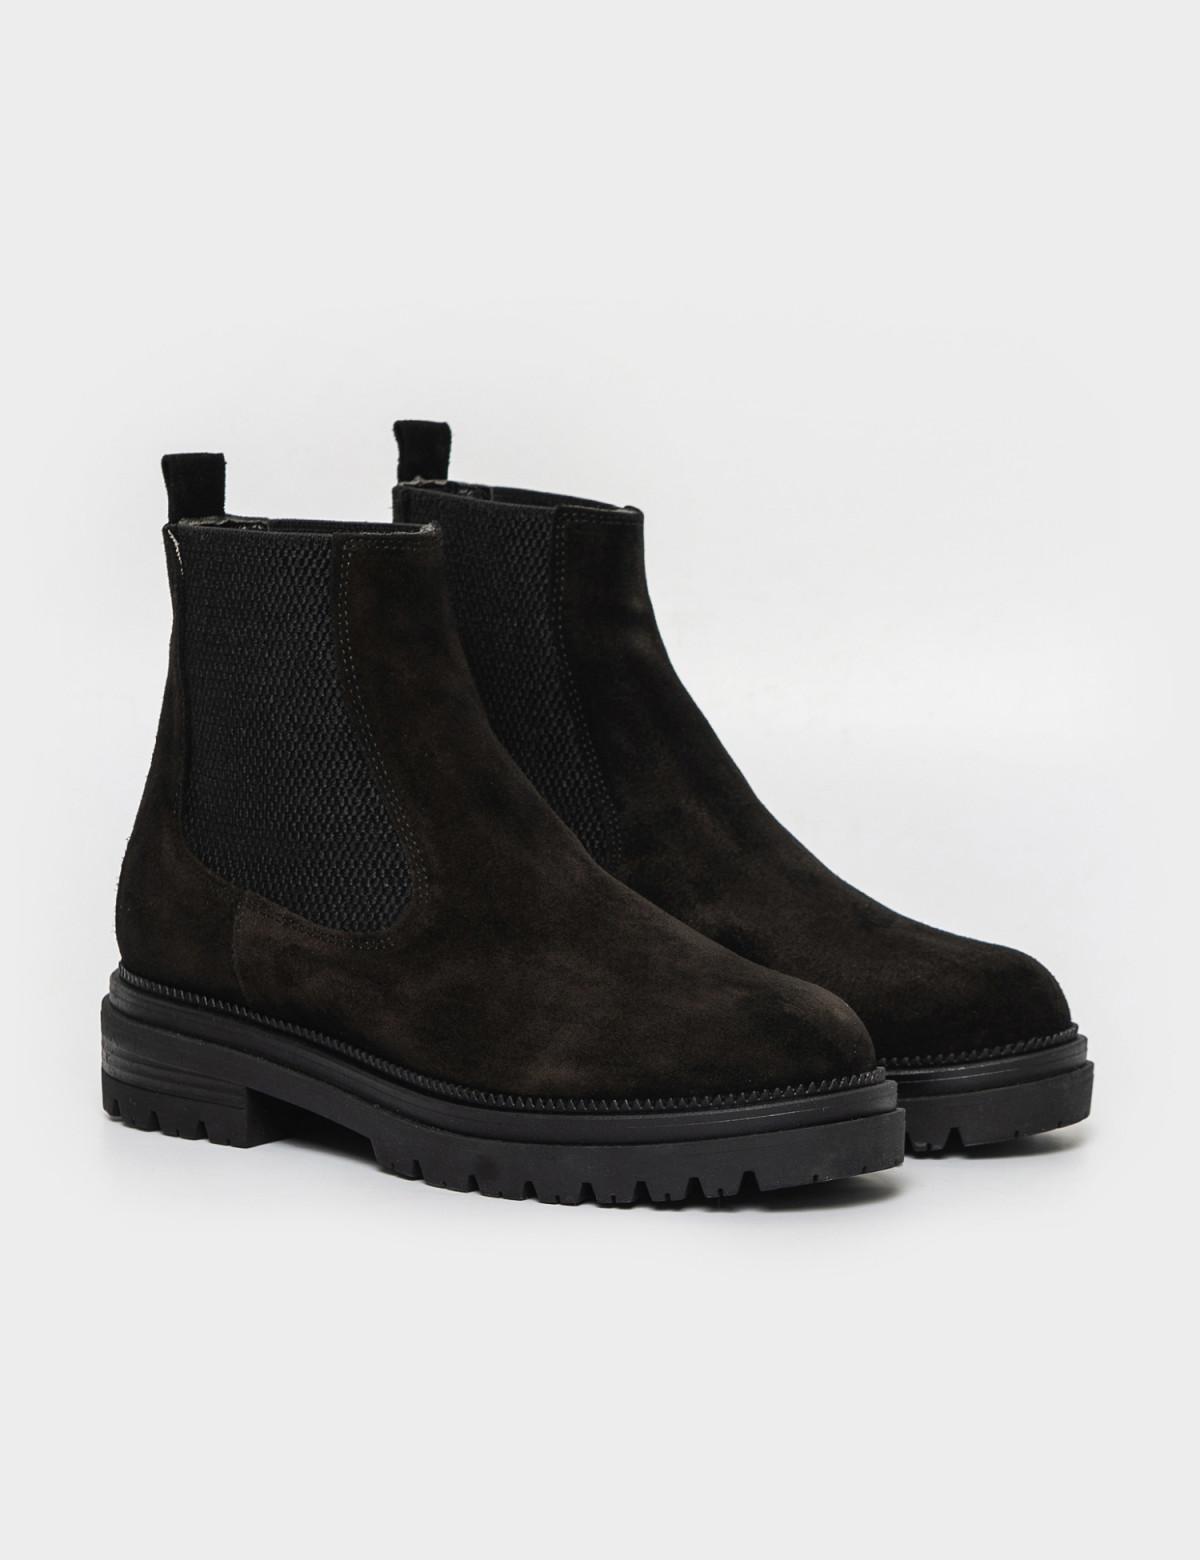 Ботинки черные. Натуральная замша. Байка2